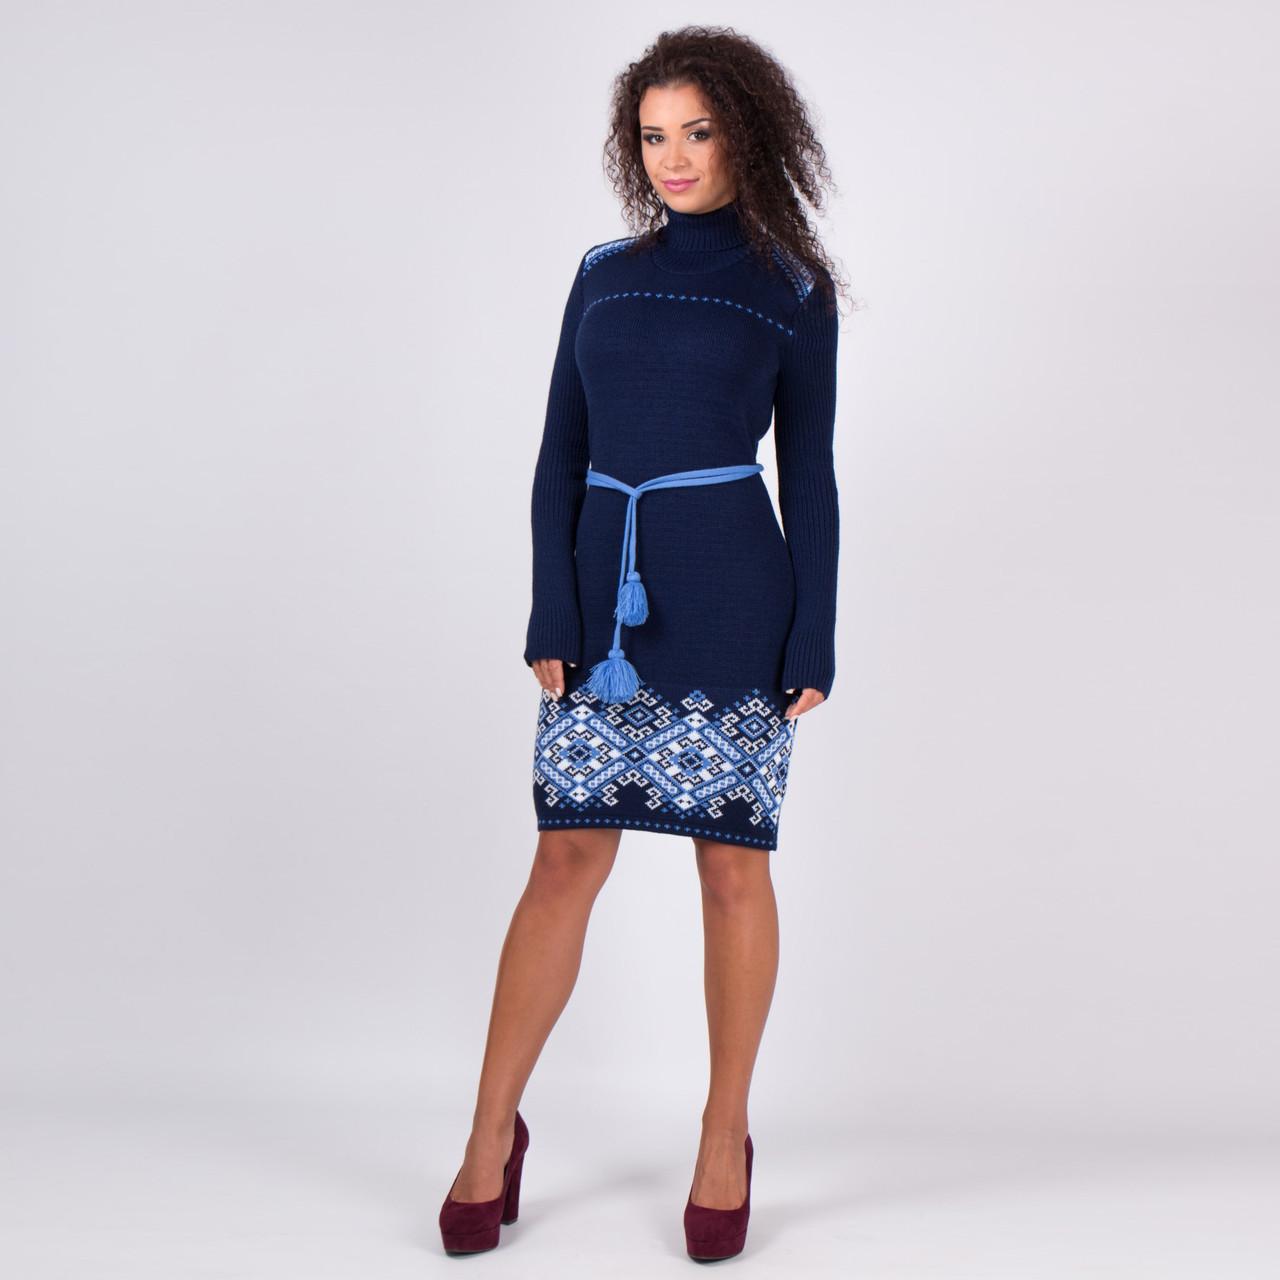 Синее вязаное платье Иванка с украинским орнаментом